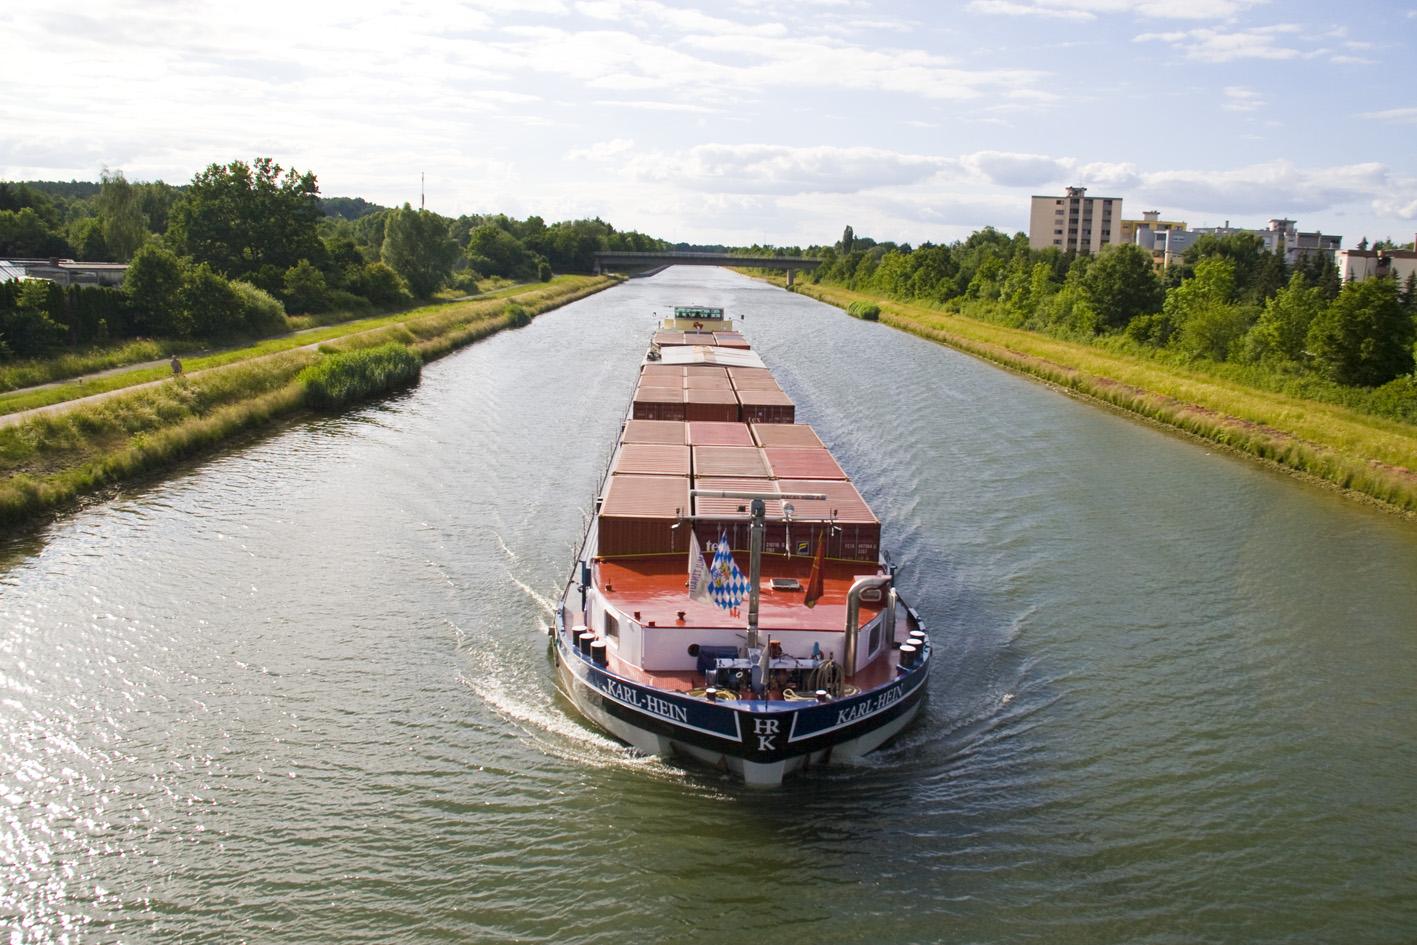 Datei:Kanal Schiff 1.jpg – FürthWiki